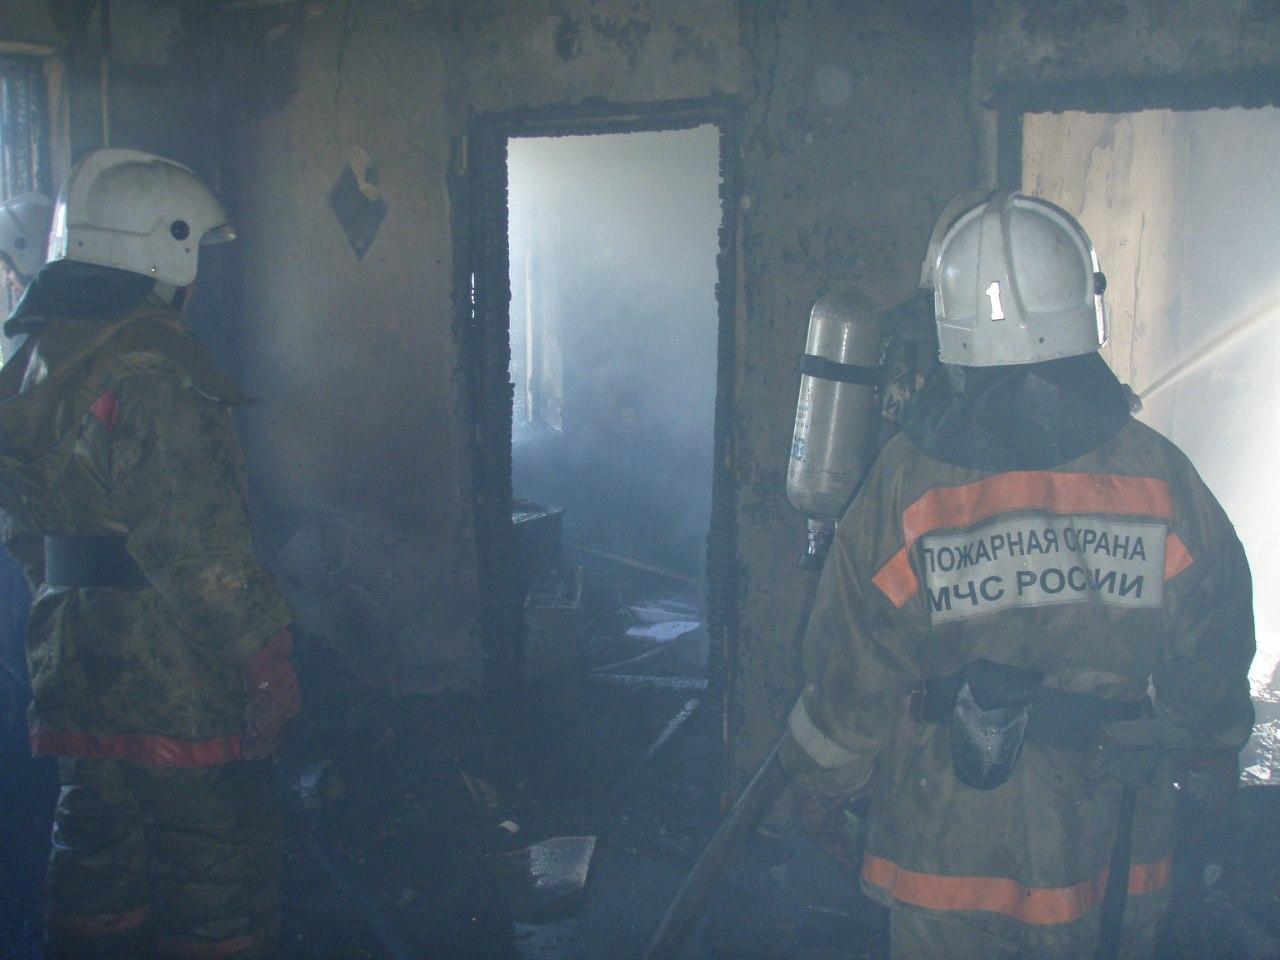 В городе Таганроге при пожаре в частном доме погиб 53-летний инвалид, одного человека удалось спасти